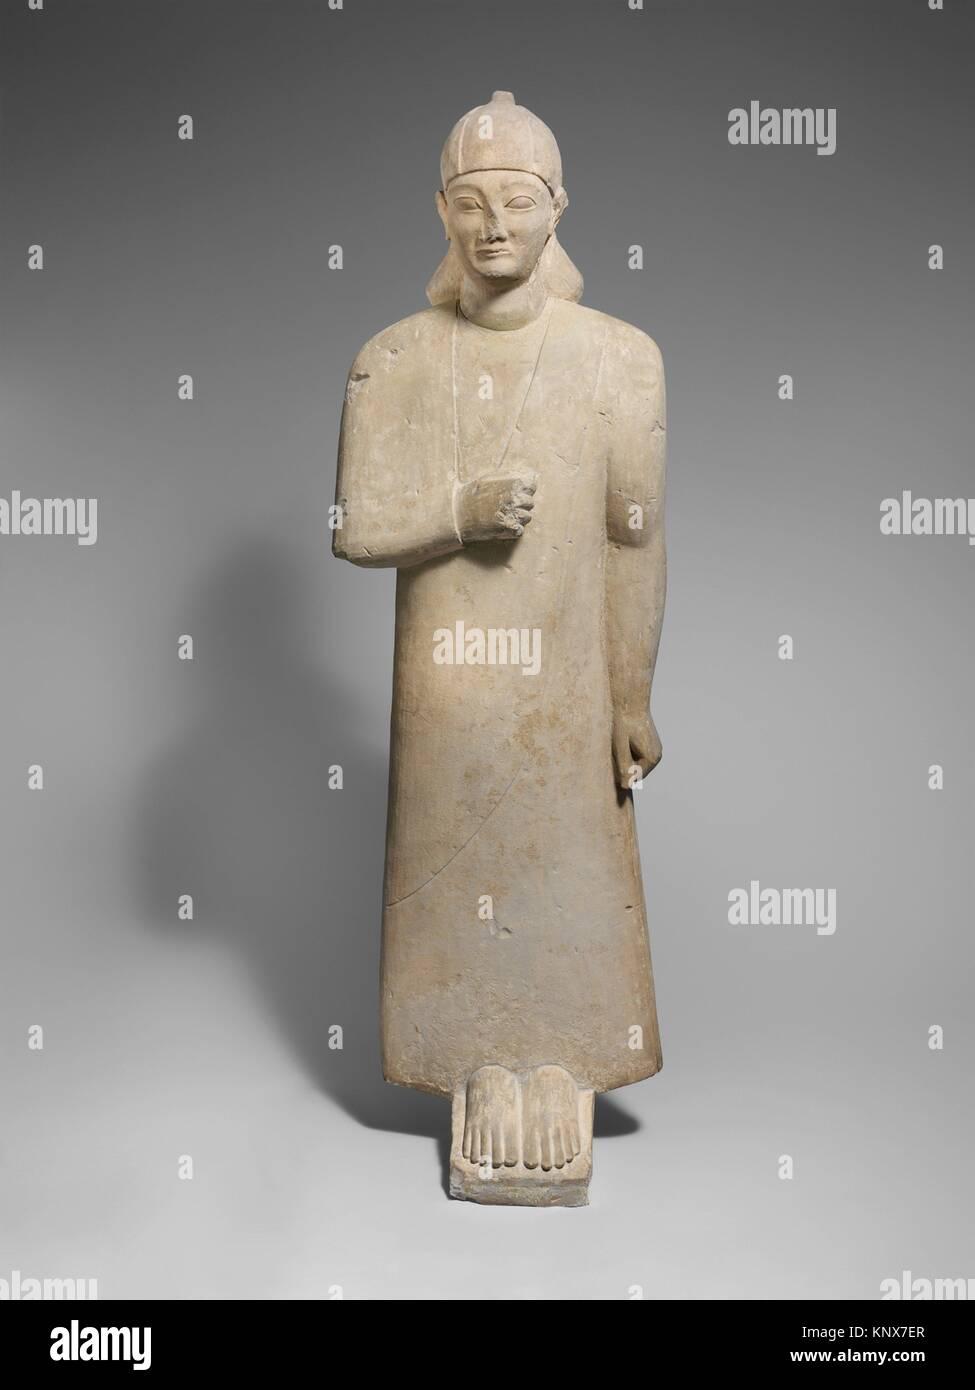 Kalkstein votary eines Bartlos männlichen tragen ein langes Kleid und einer konischen Helm. Zeitraum: Archaische; Datum: Ca. 550-525 B.C; Kultur: Zypriotische; Medium: Stockfoto